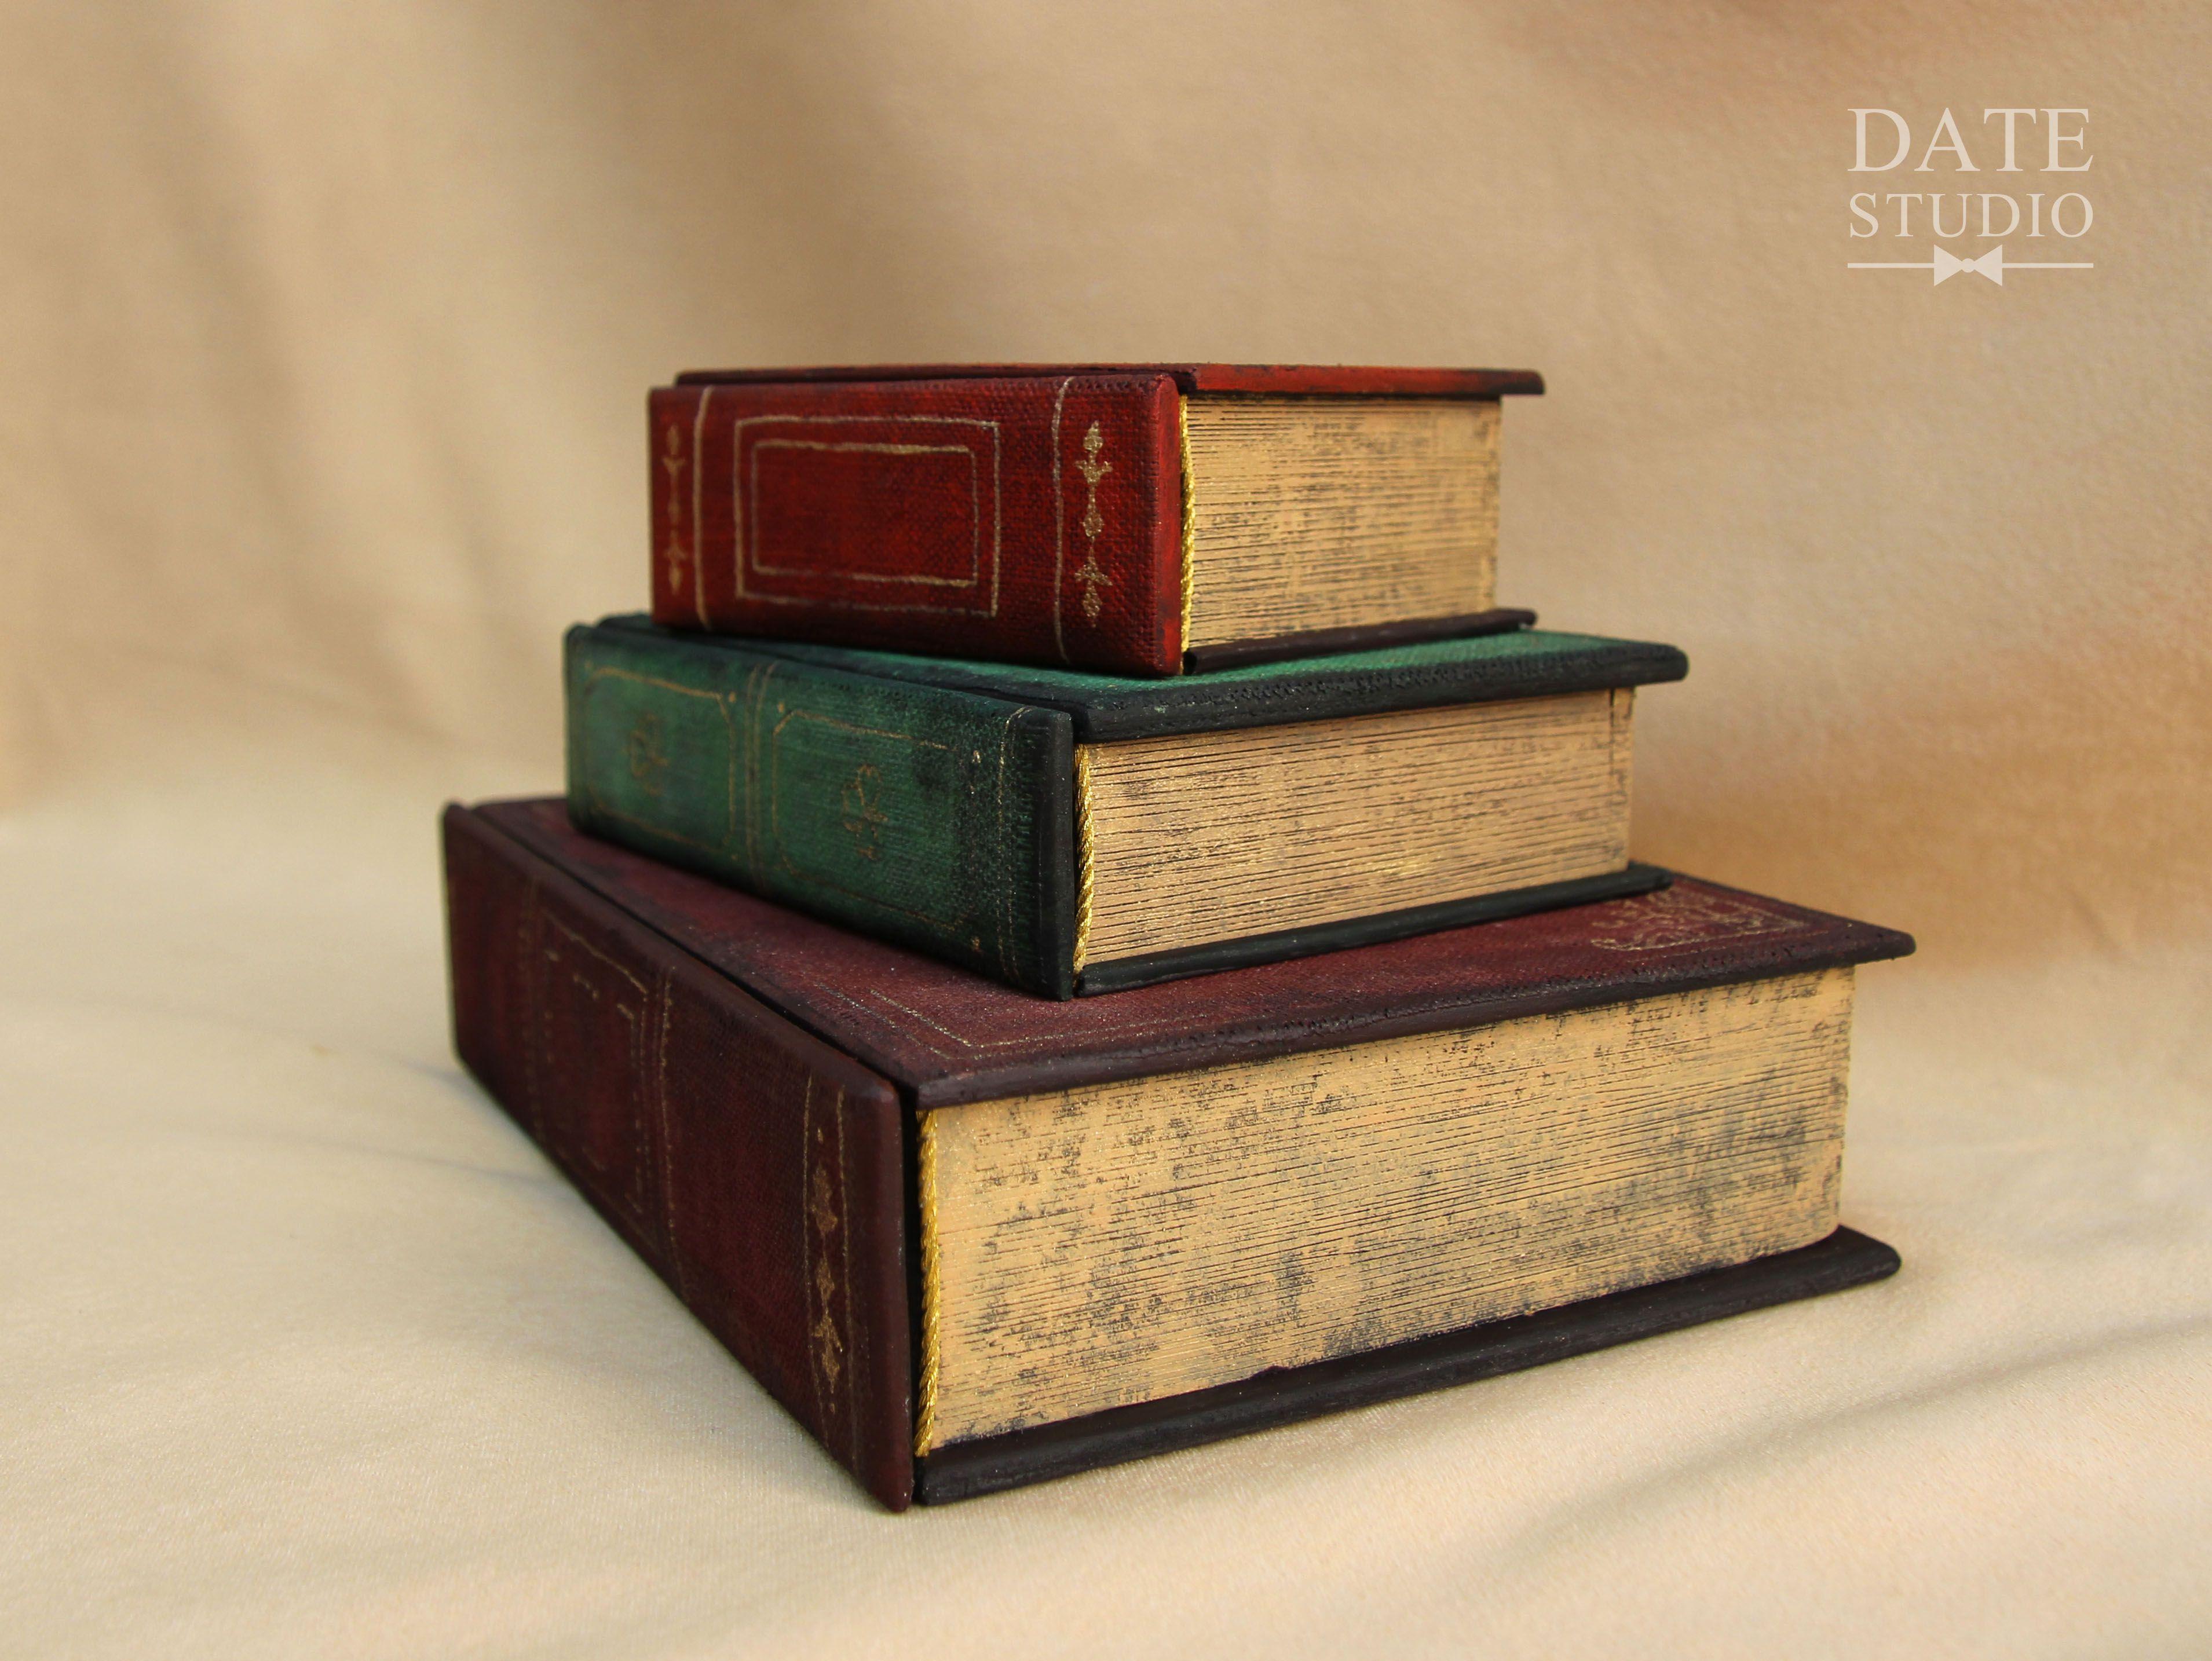 старина мужчине женщине подарок книги шкатулка тайник бижутерия